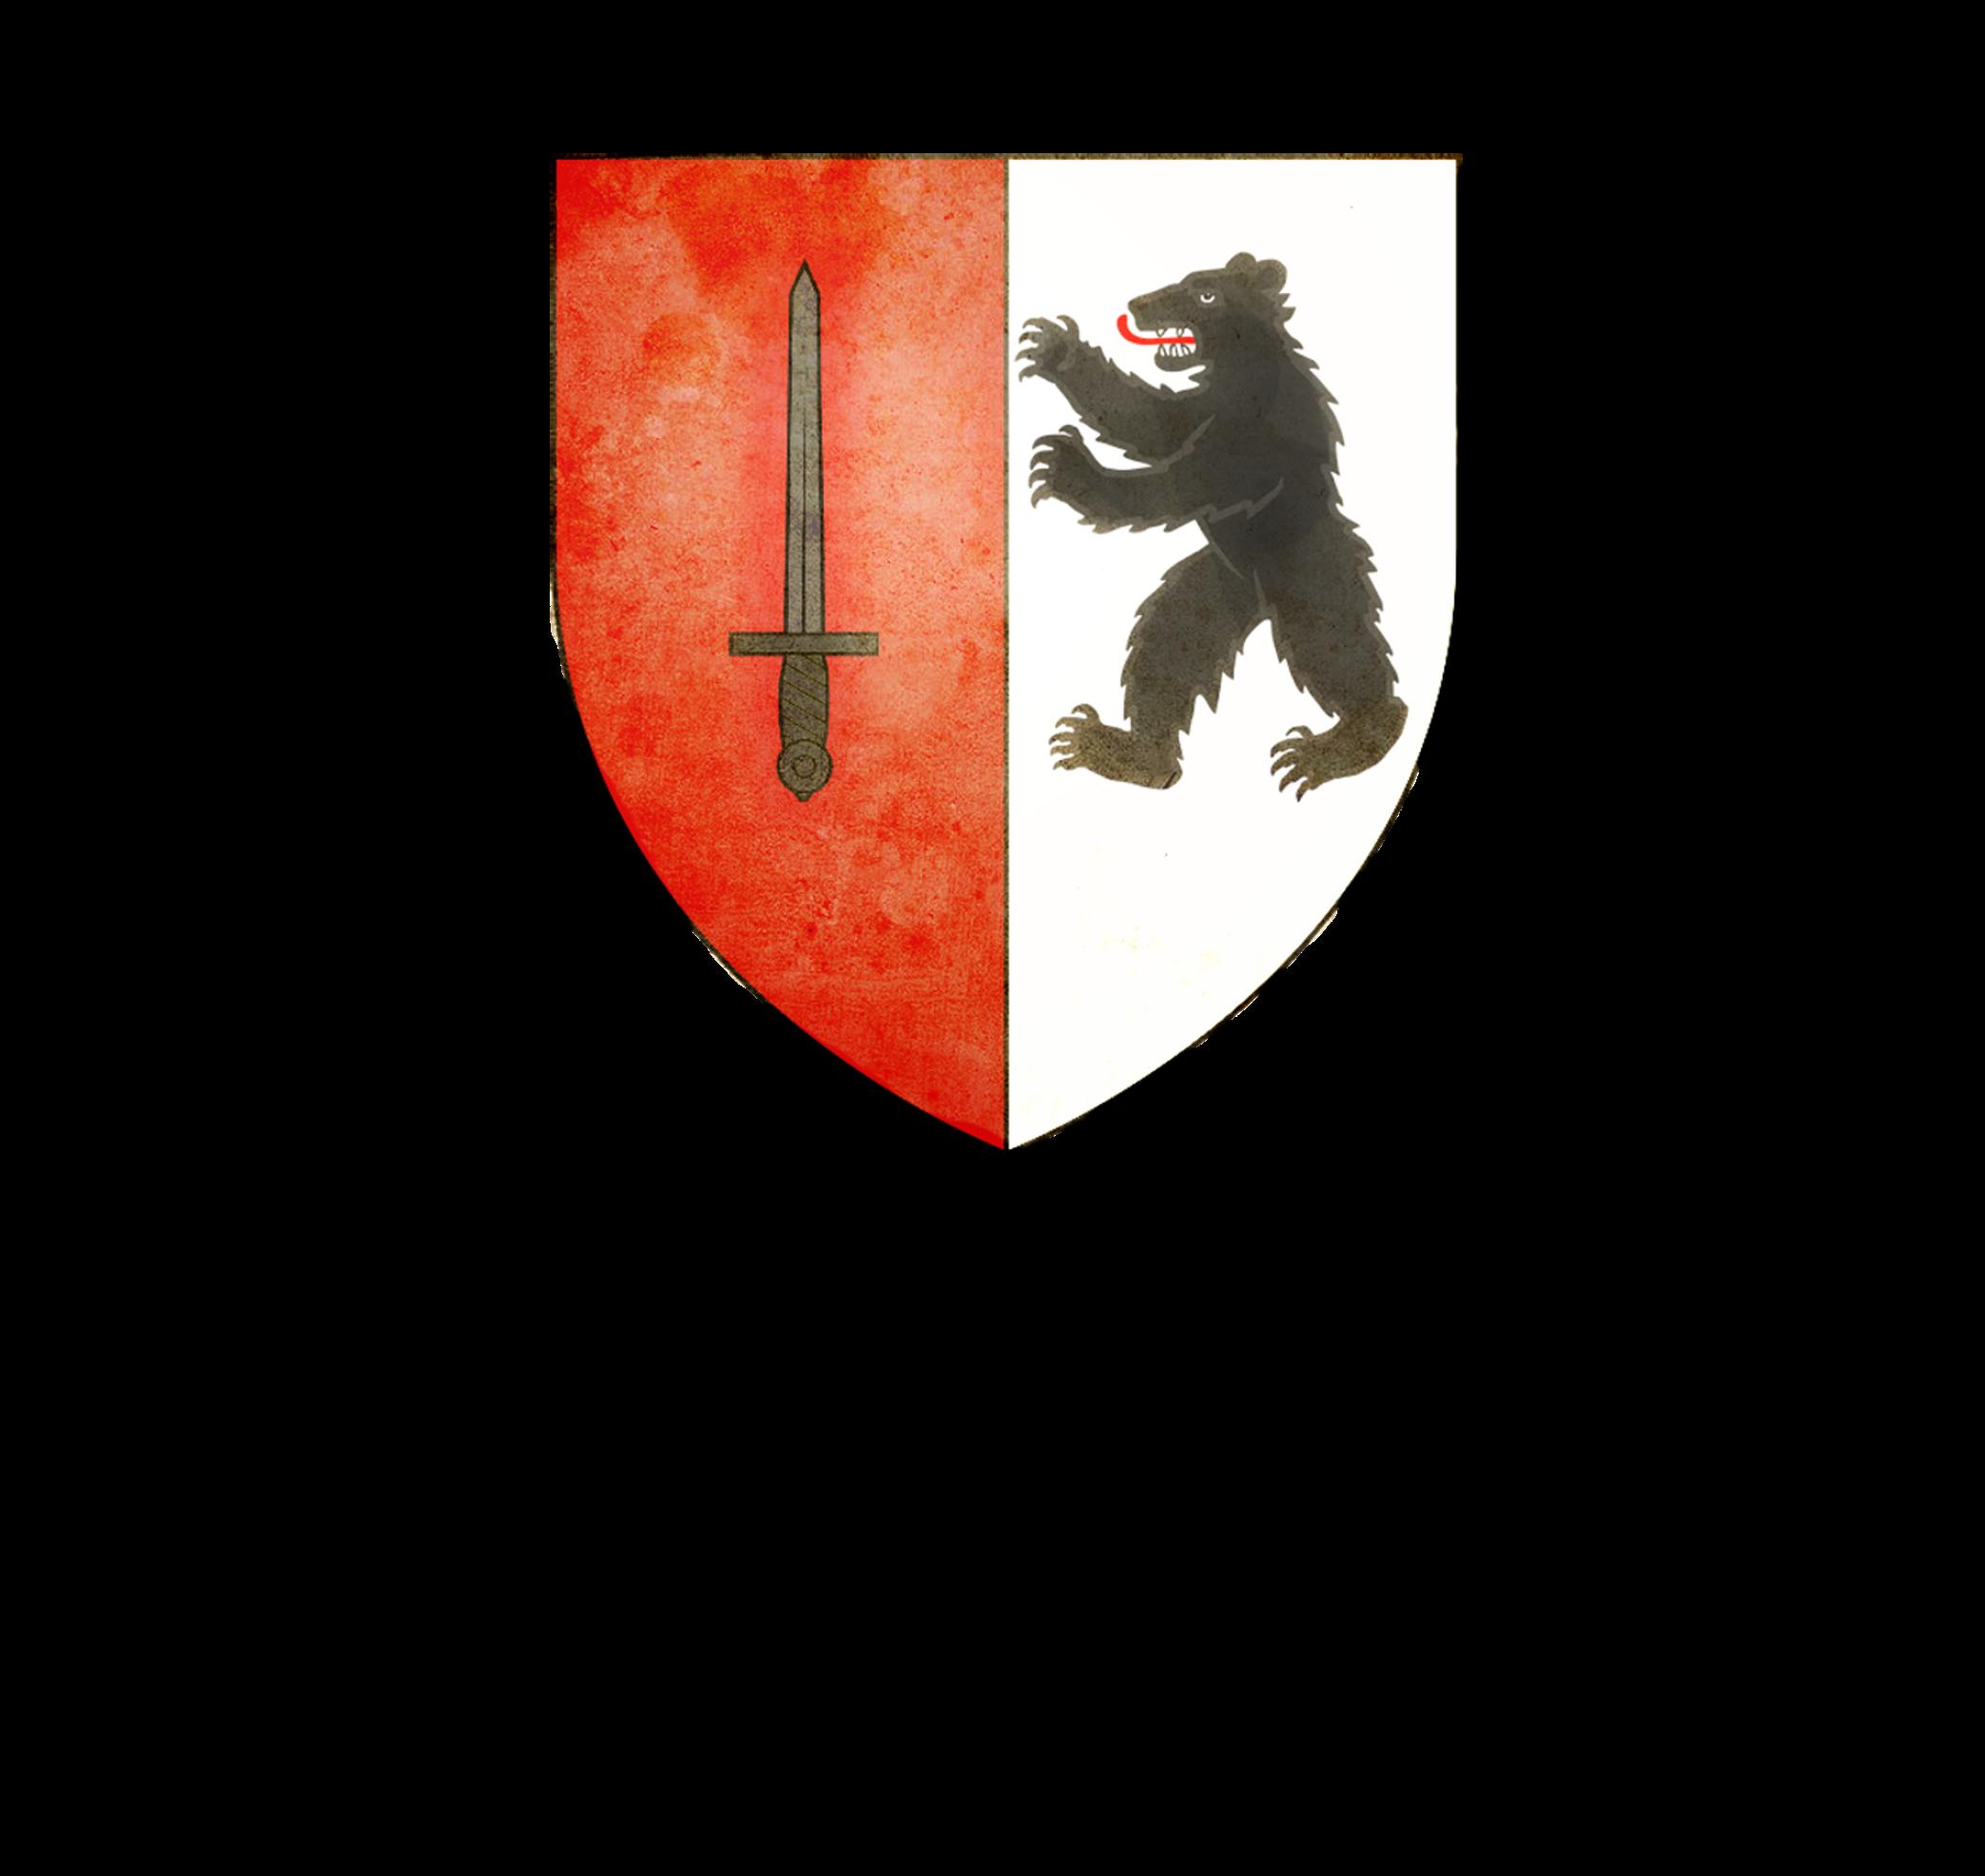 La Compagnie des Ours Malandrins